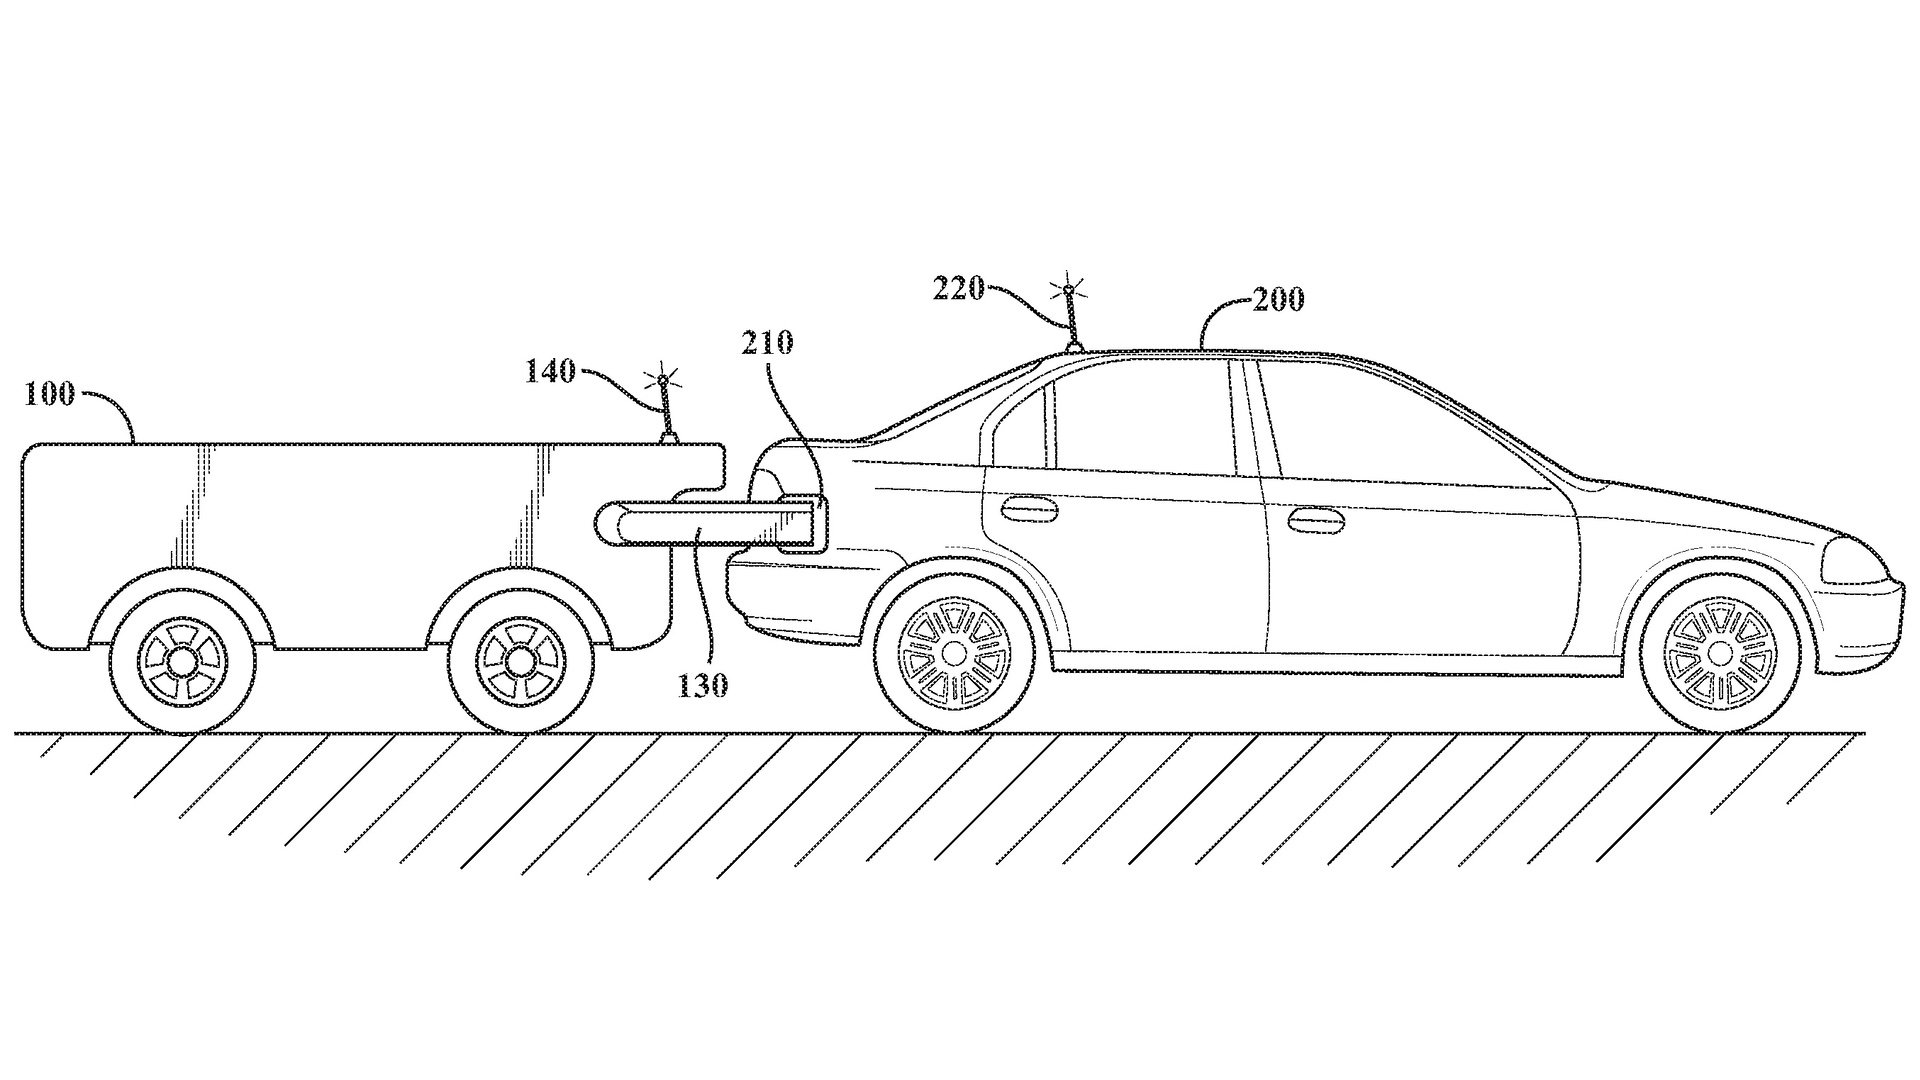 Toyota-autonomous-refueling-drone-patent-02